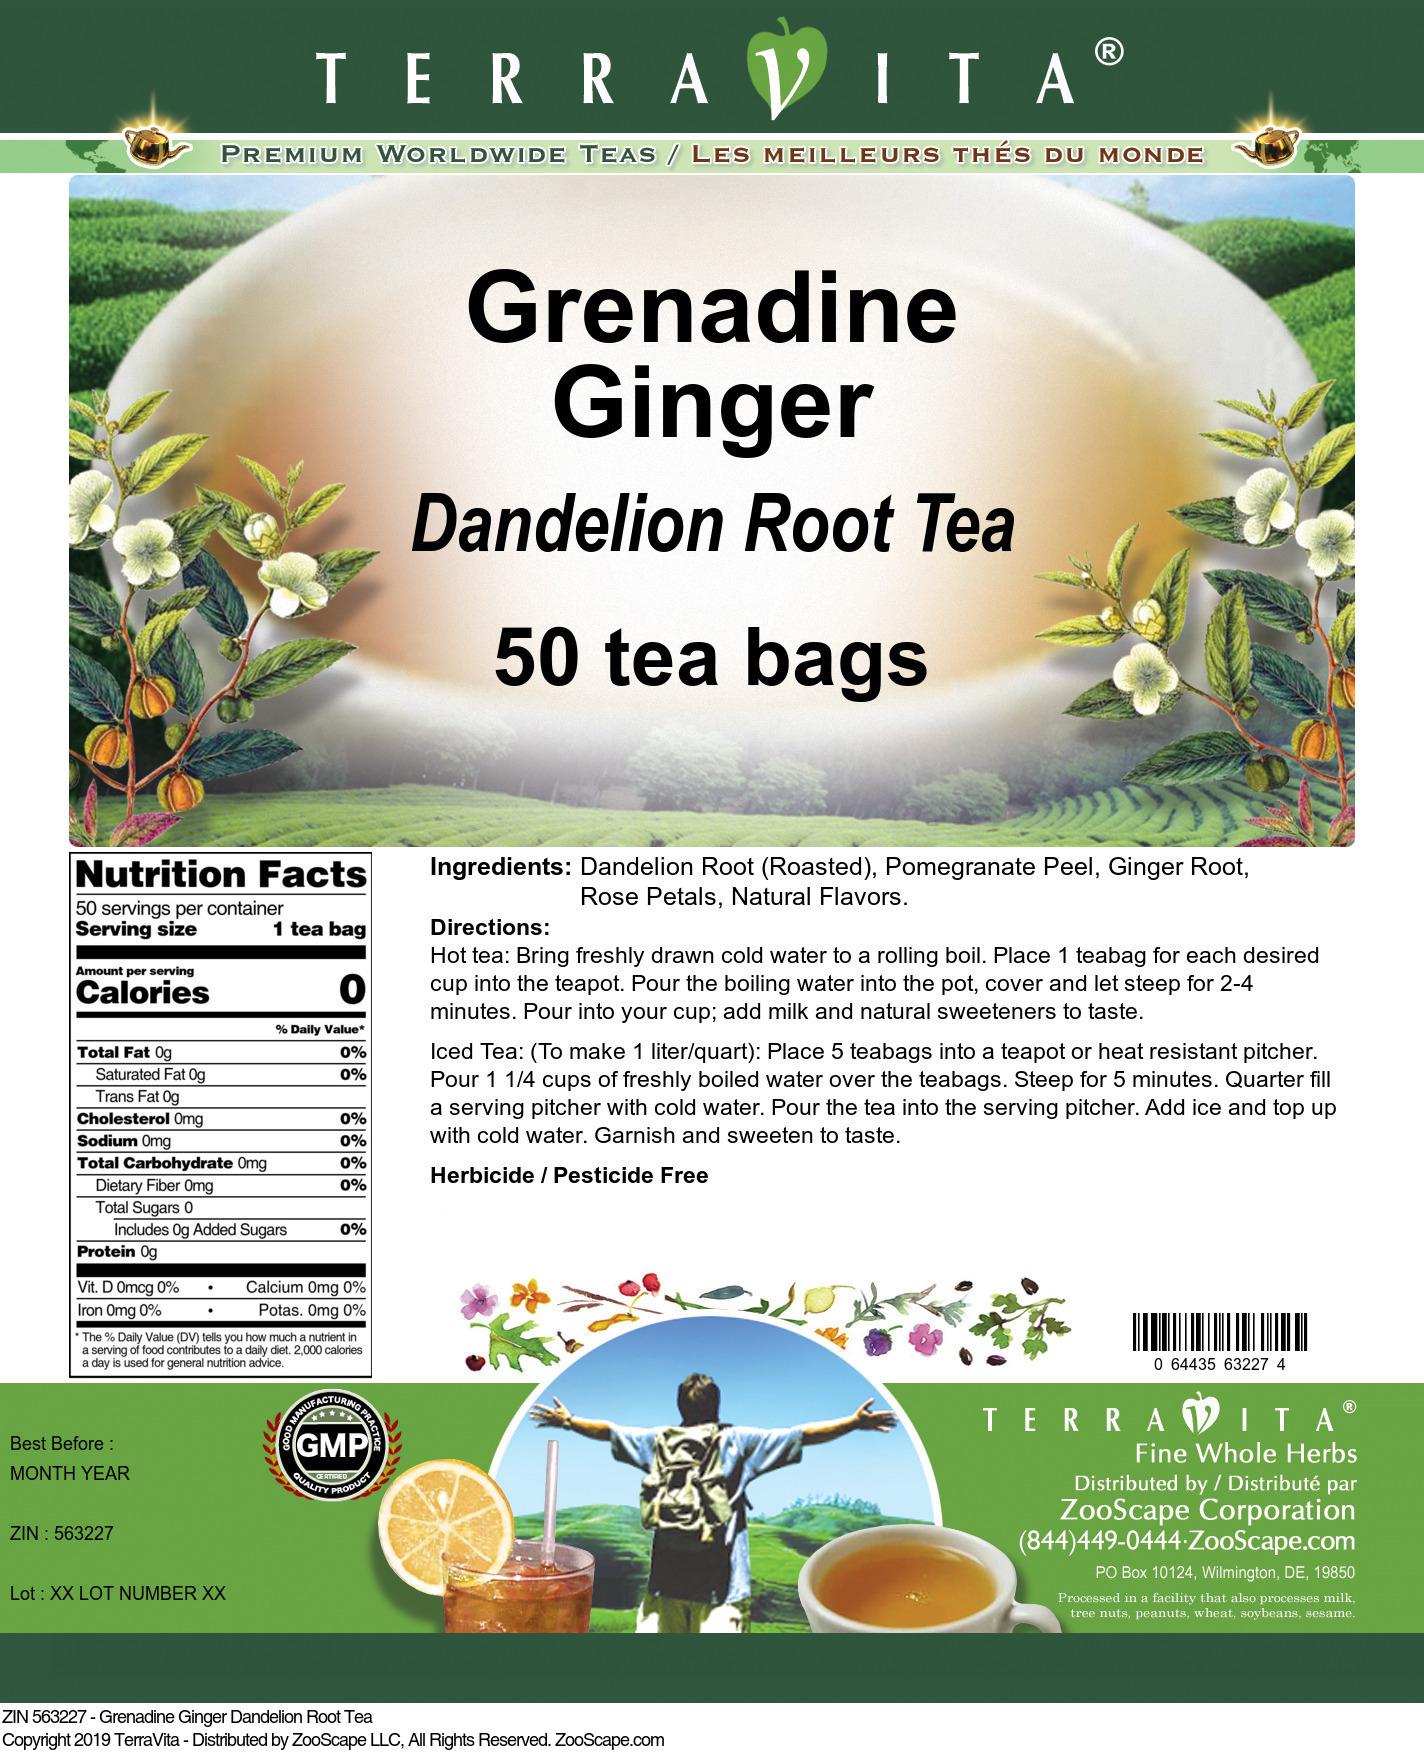 Grenadine Ginger Dandelion Root